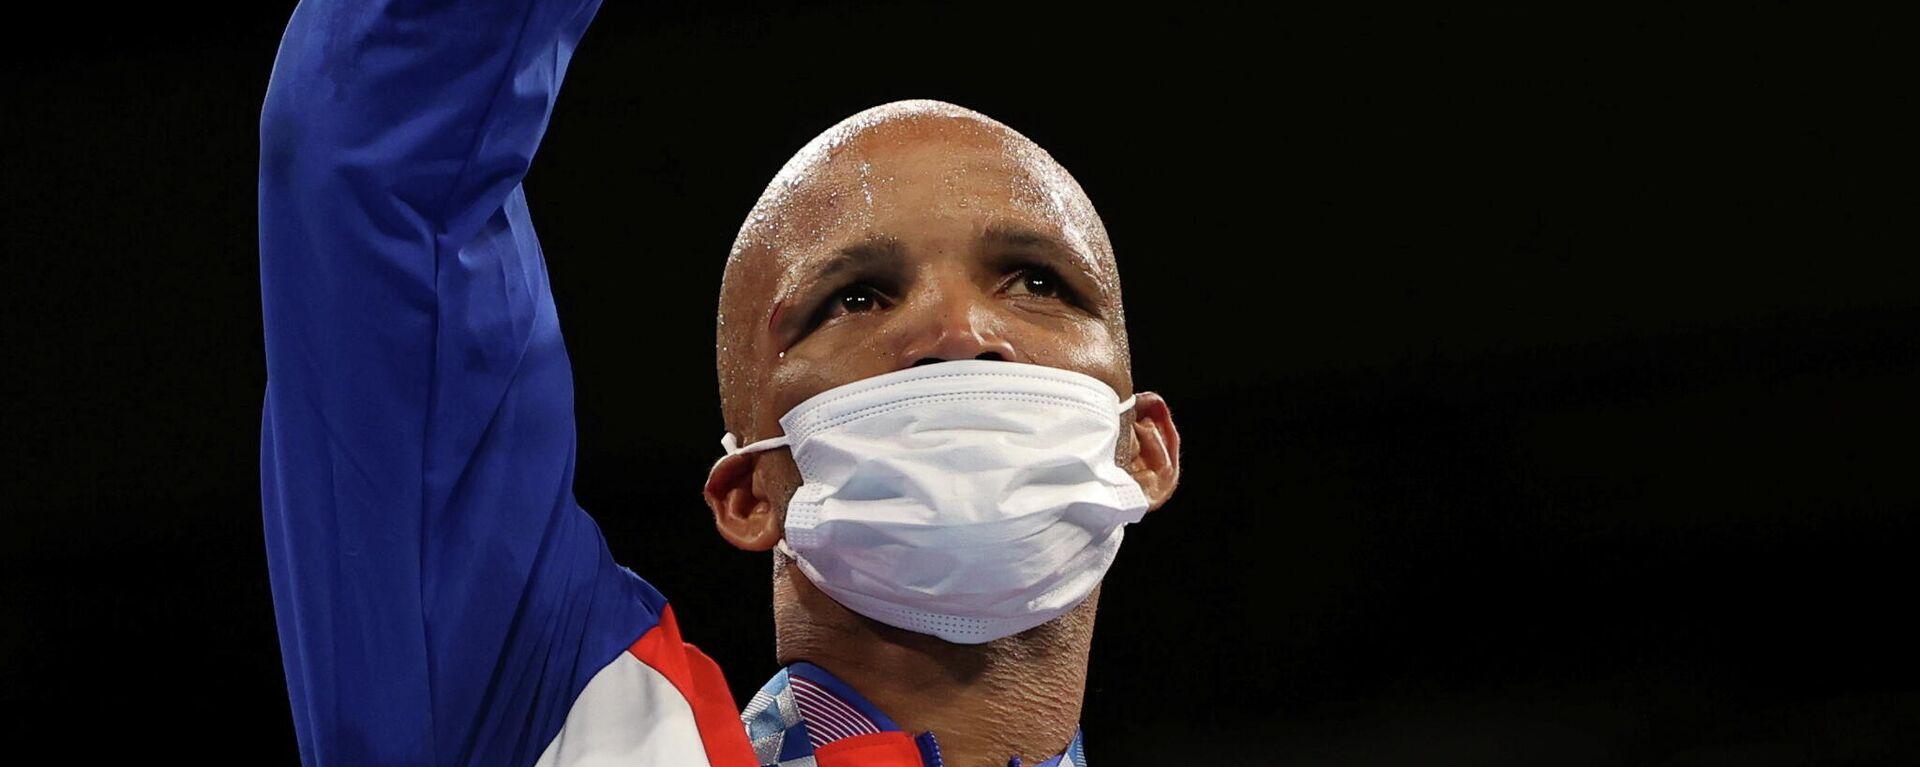 Roniel Iglesias, boxeador cubano, JJOO Tokio 2020 - Sputnik Mundo, 1920, 03.08.2021